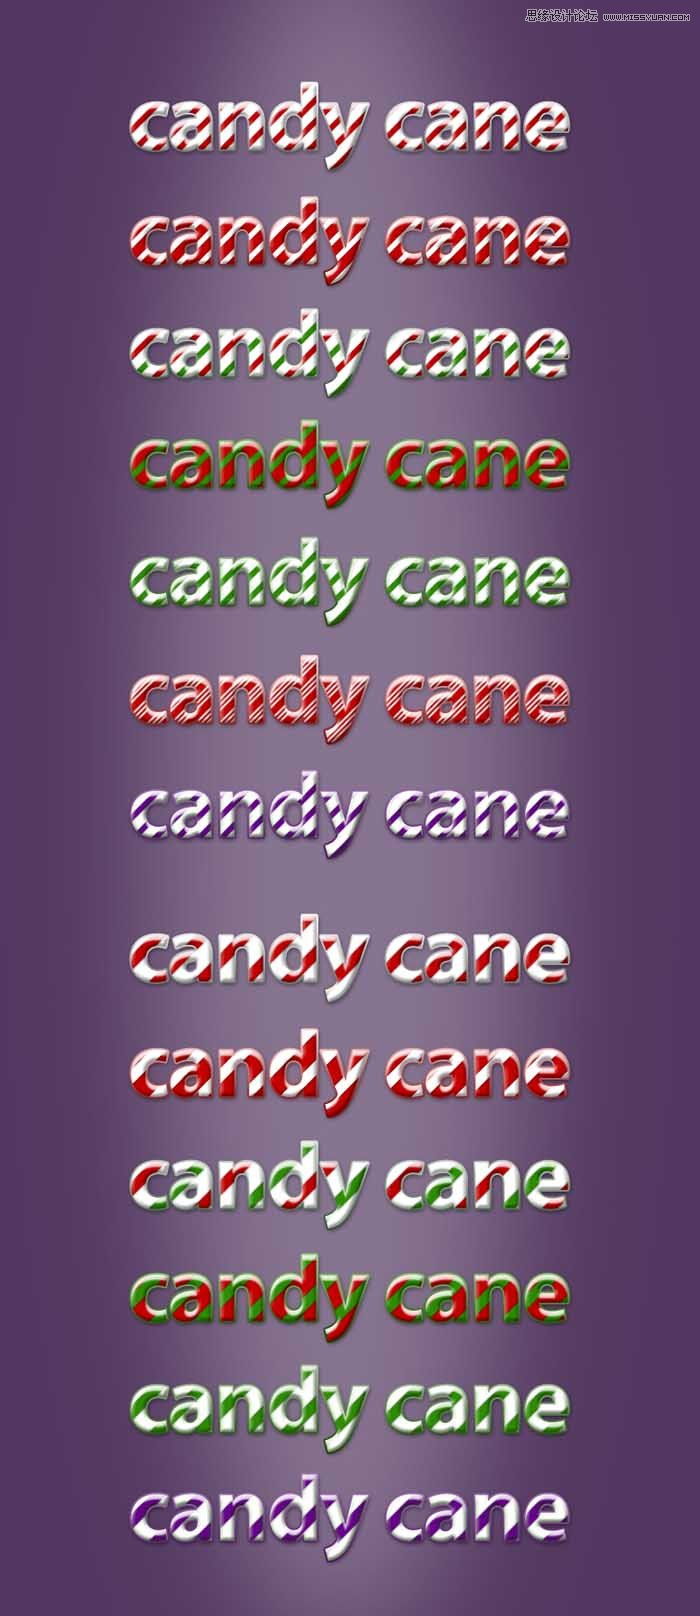 圣诞节可爱糖果风格字体样式